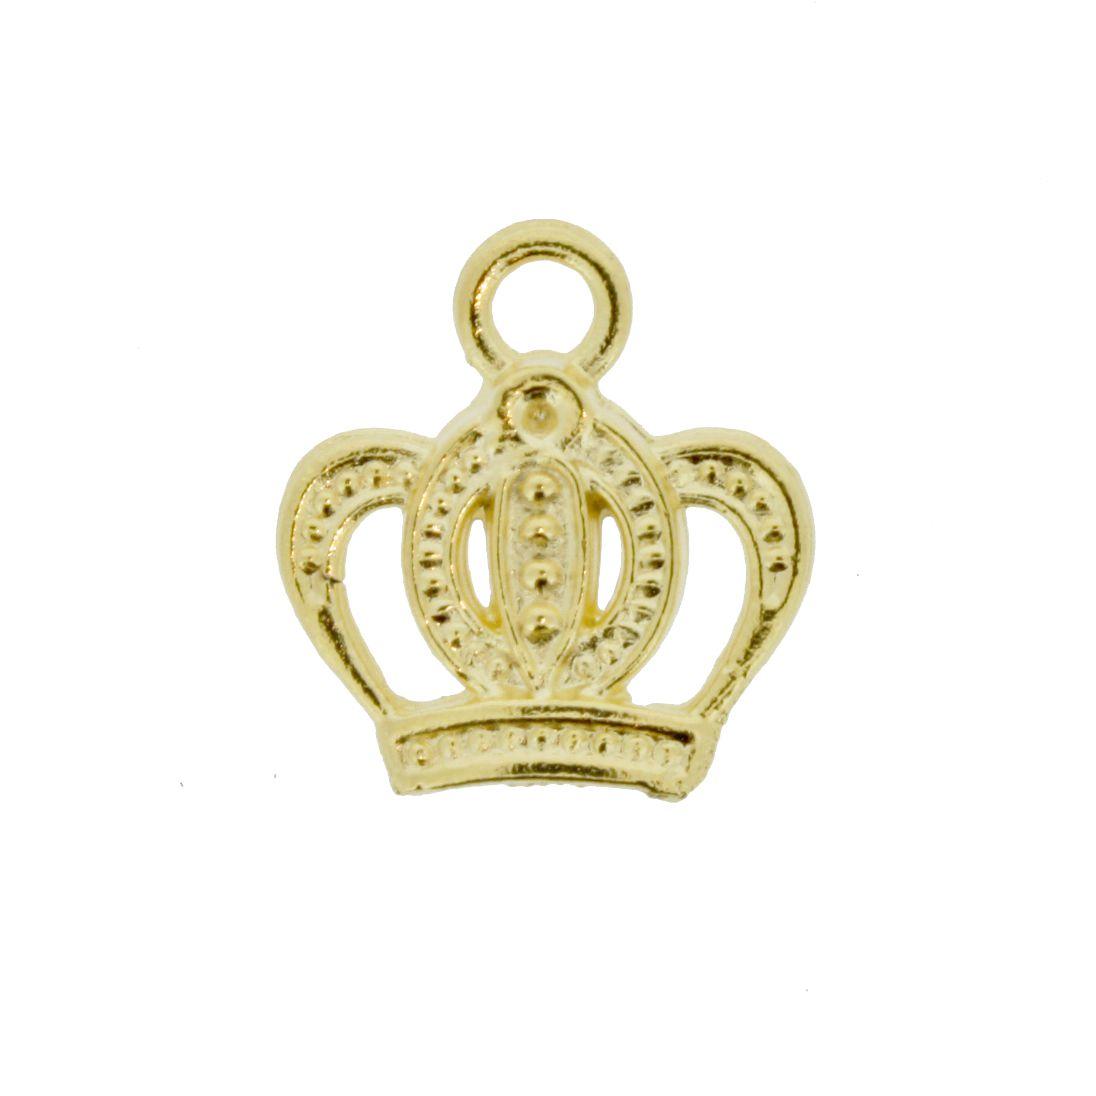 Coroa - Dourado - 17mm  - Stéphanie Bijoux® - Peças para Bijuterias e Artesanato